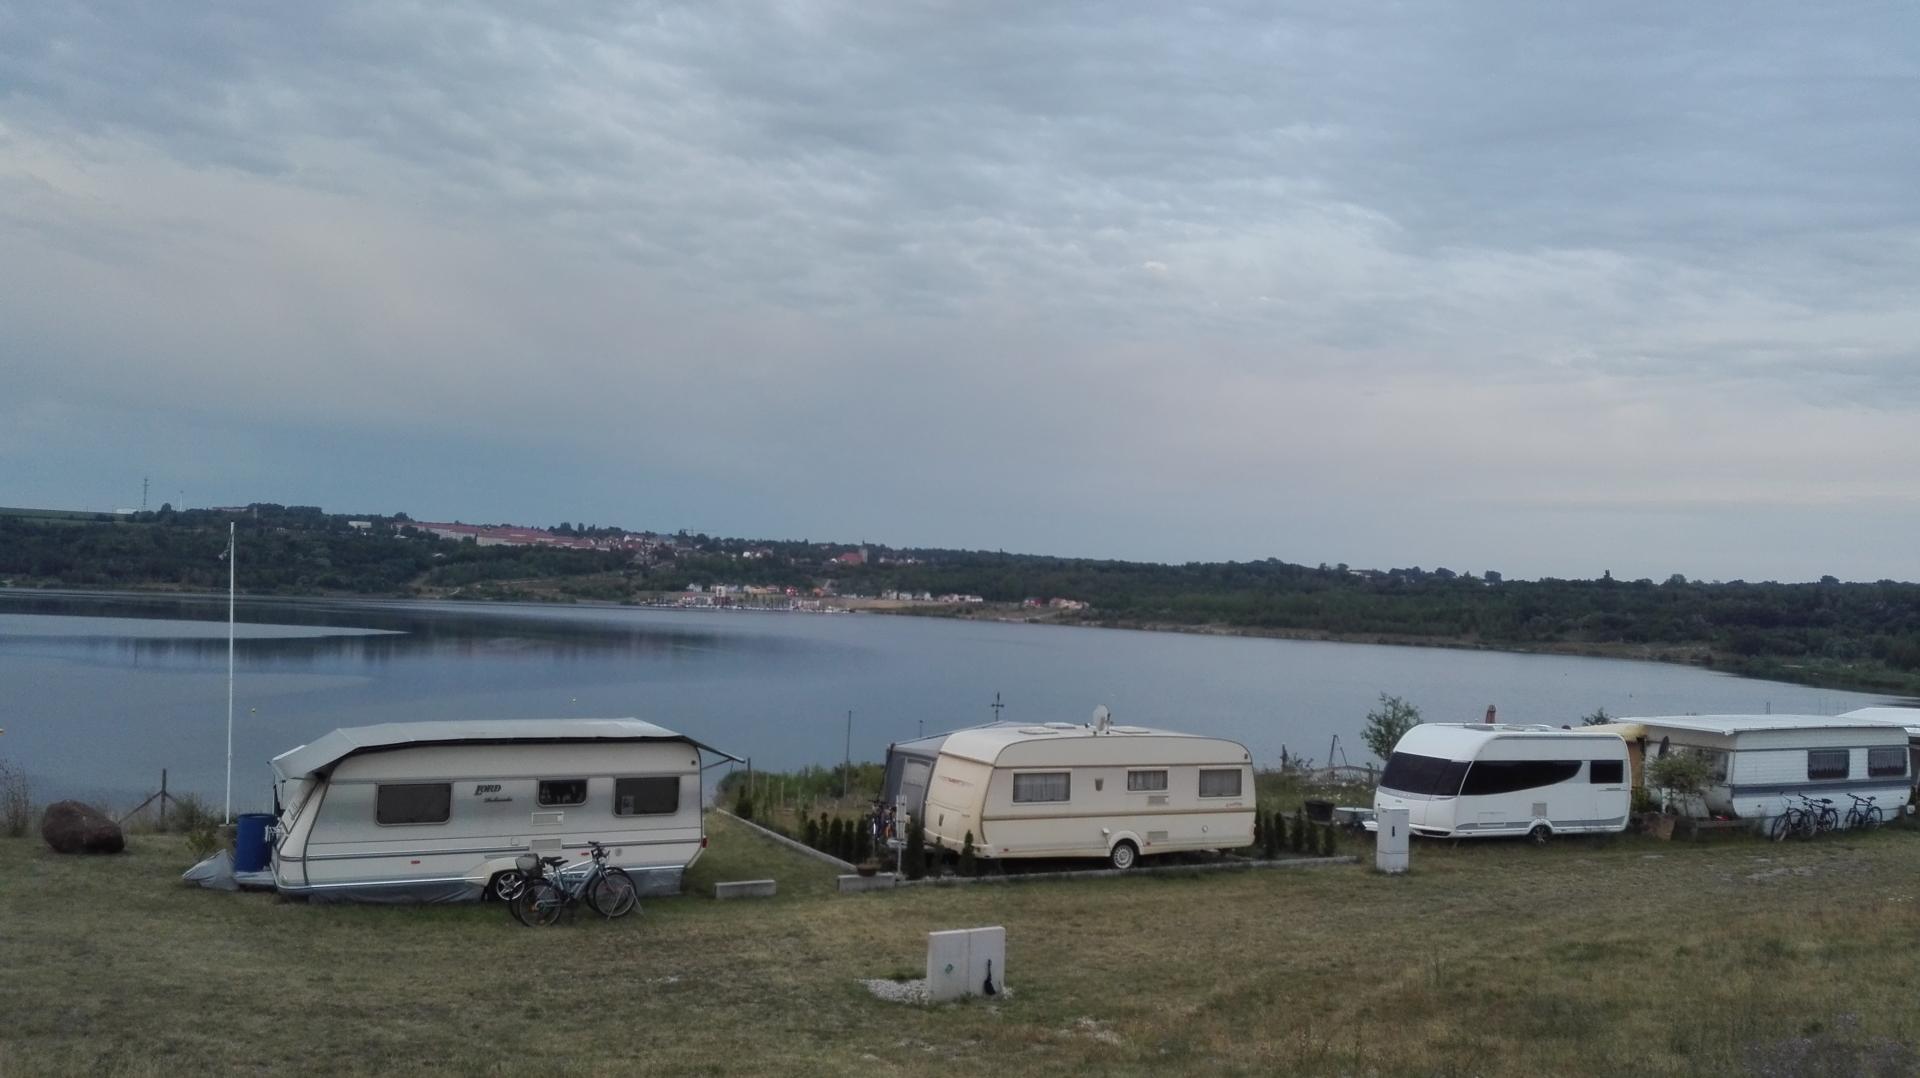 Sicht auf den See durch Wohnwagen mit Vorgarten behindert.